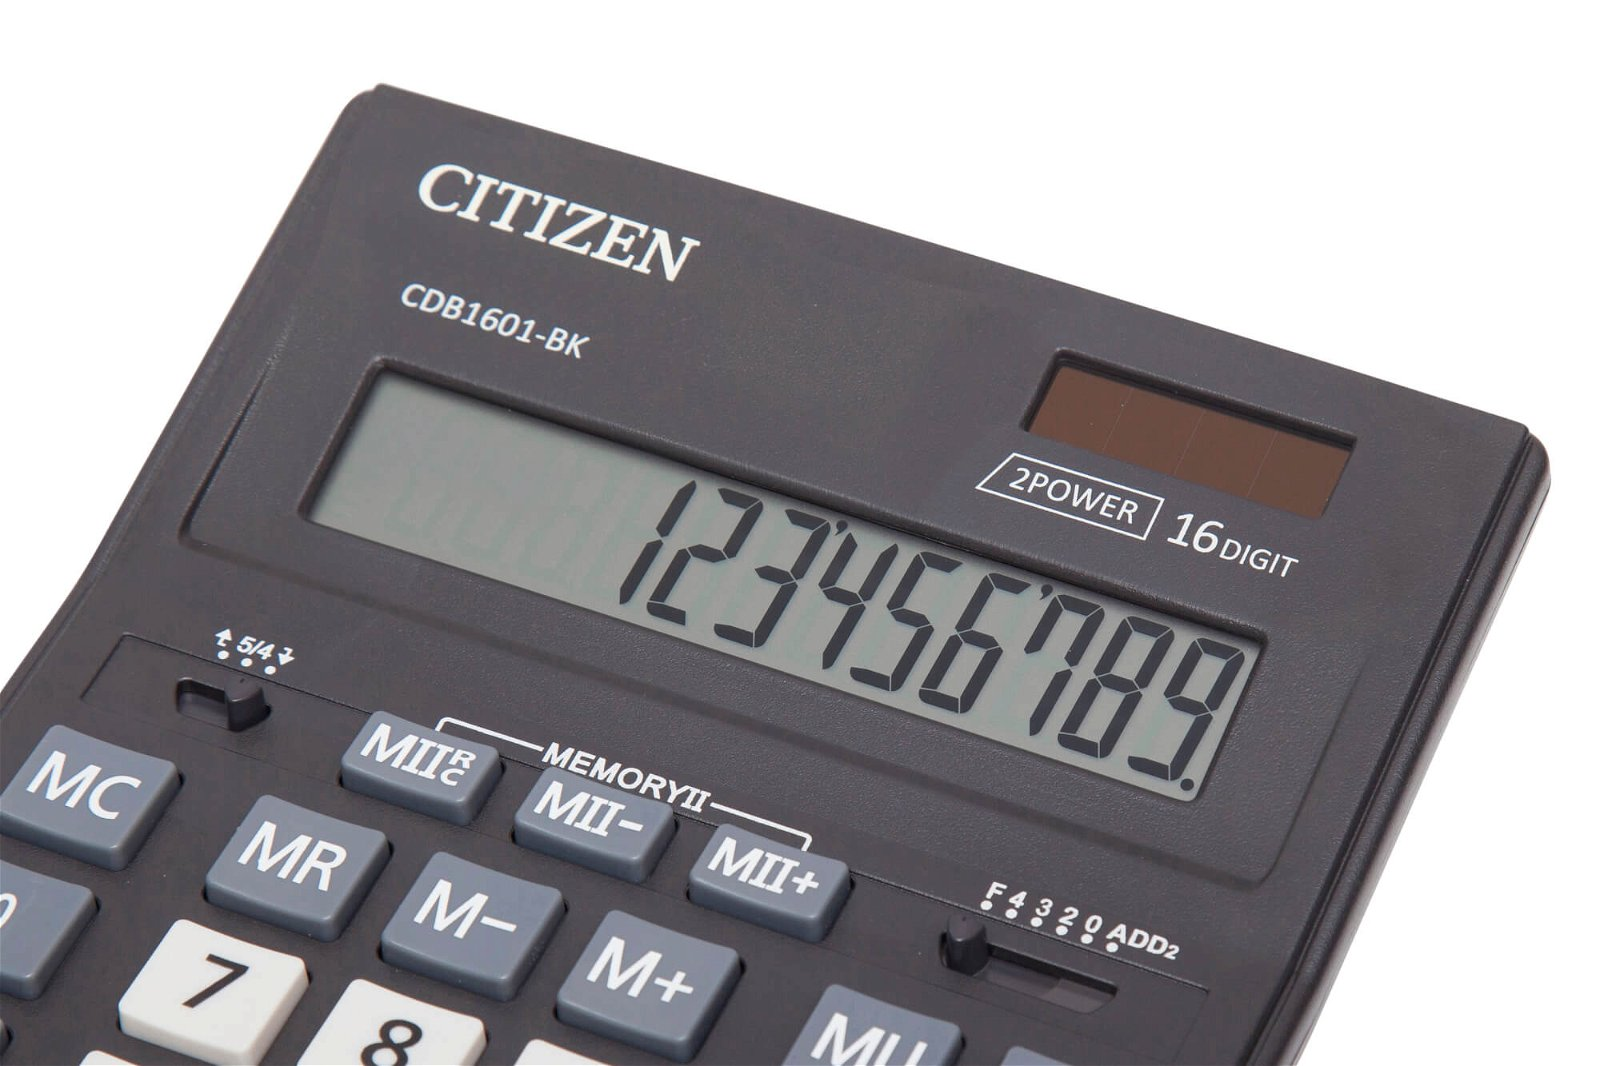 Tischrechner CDB1601-BK